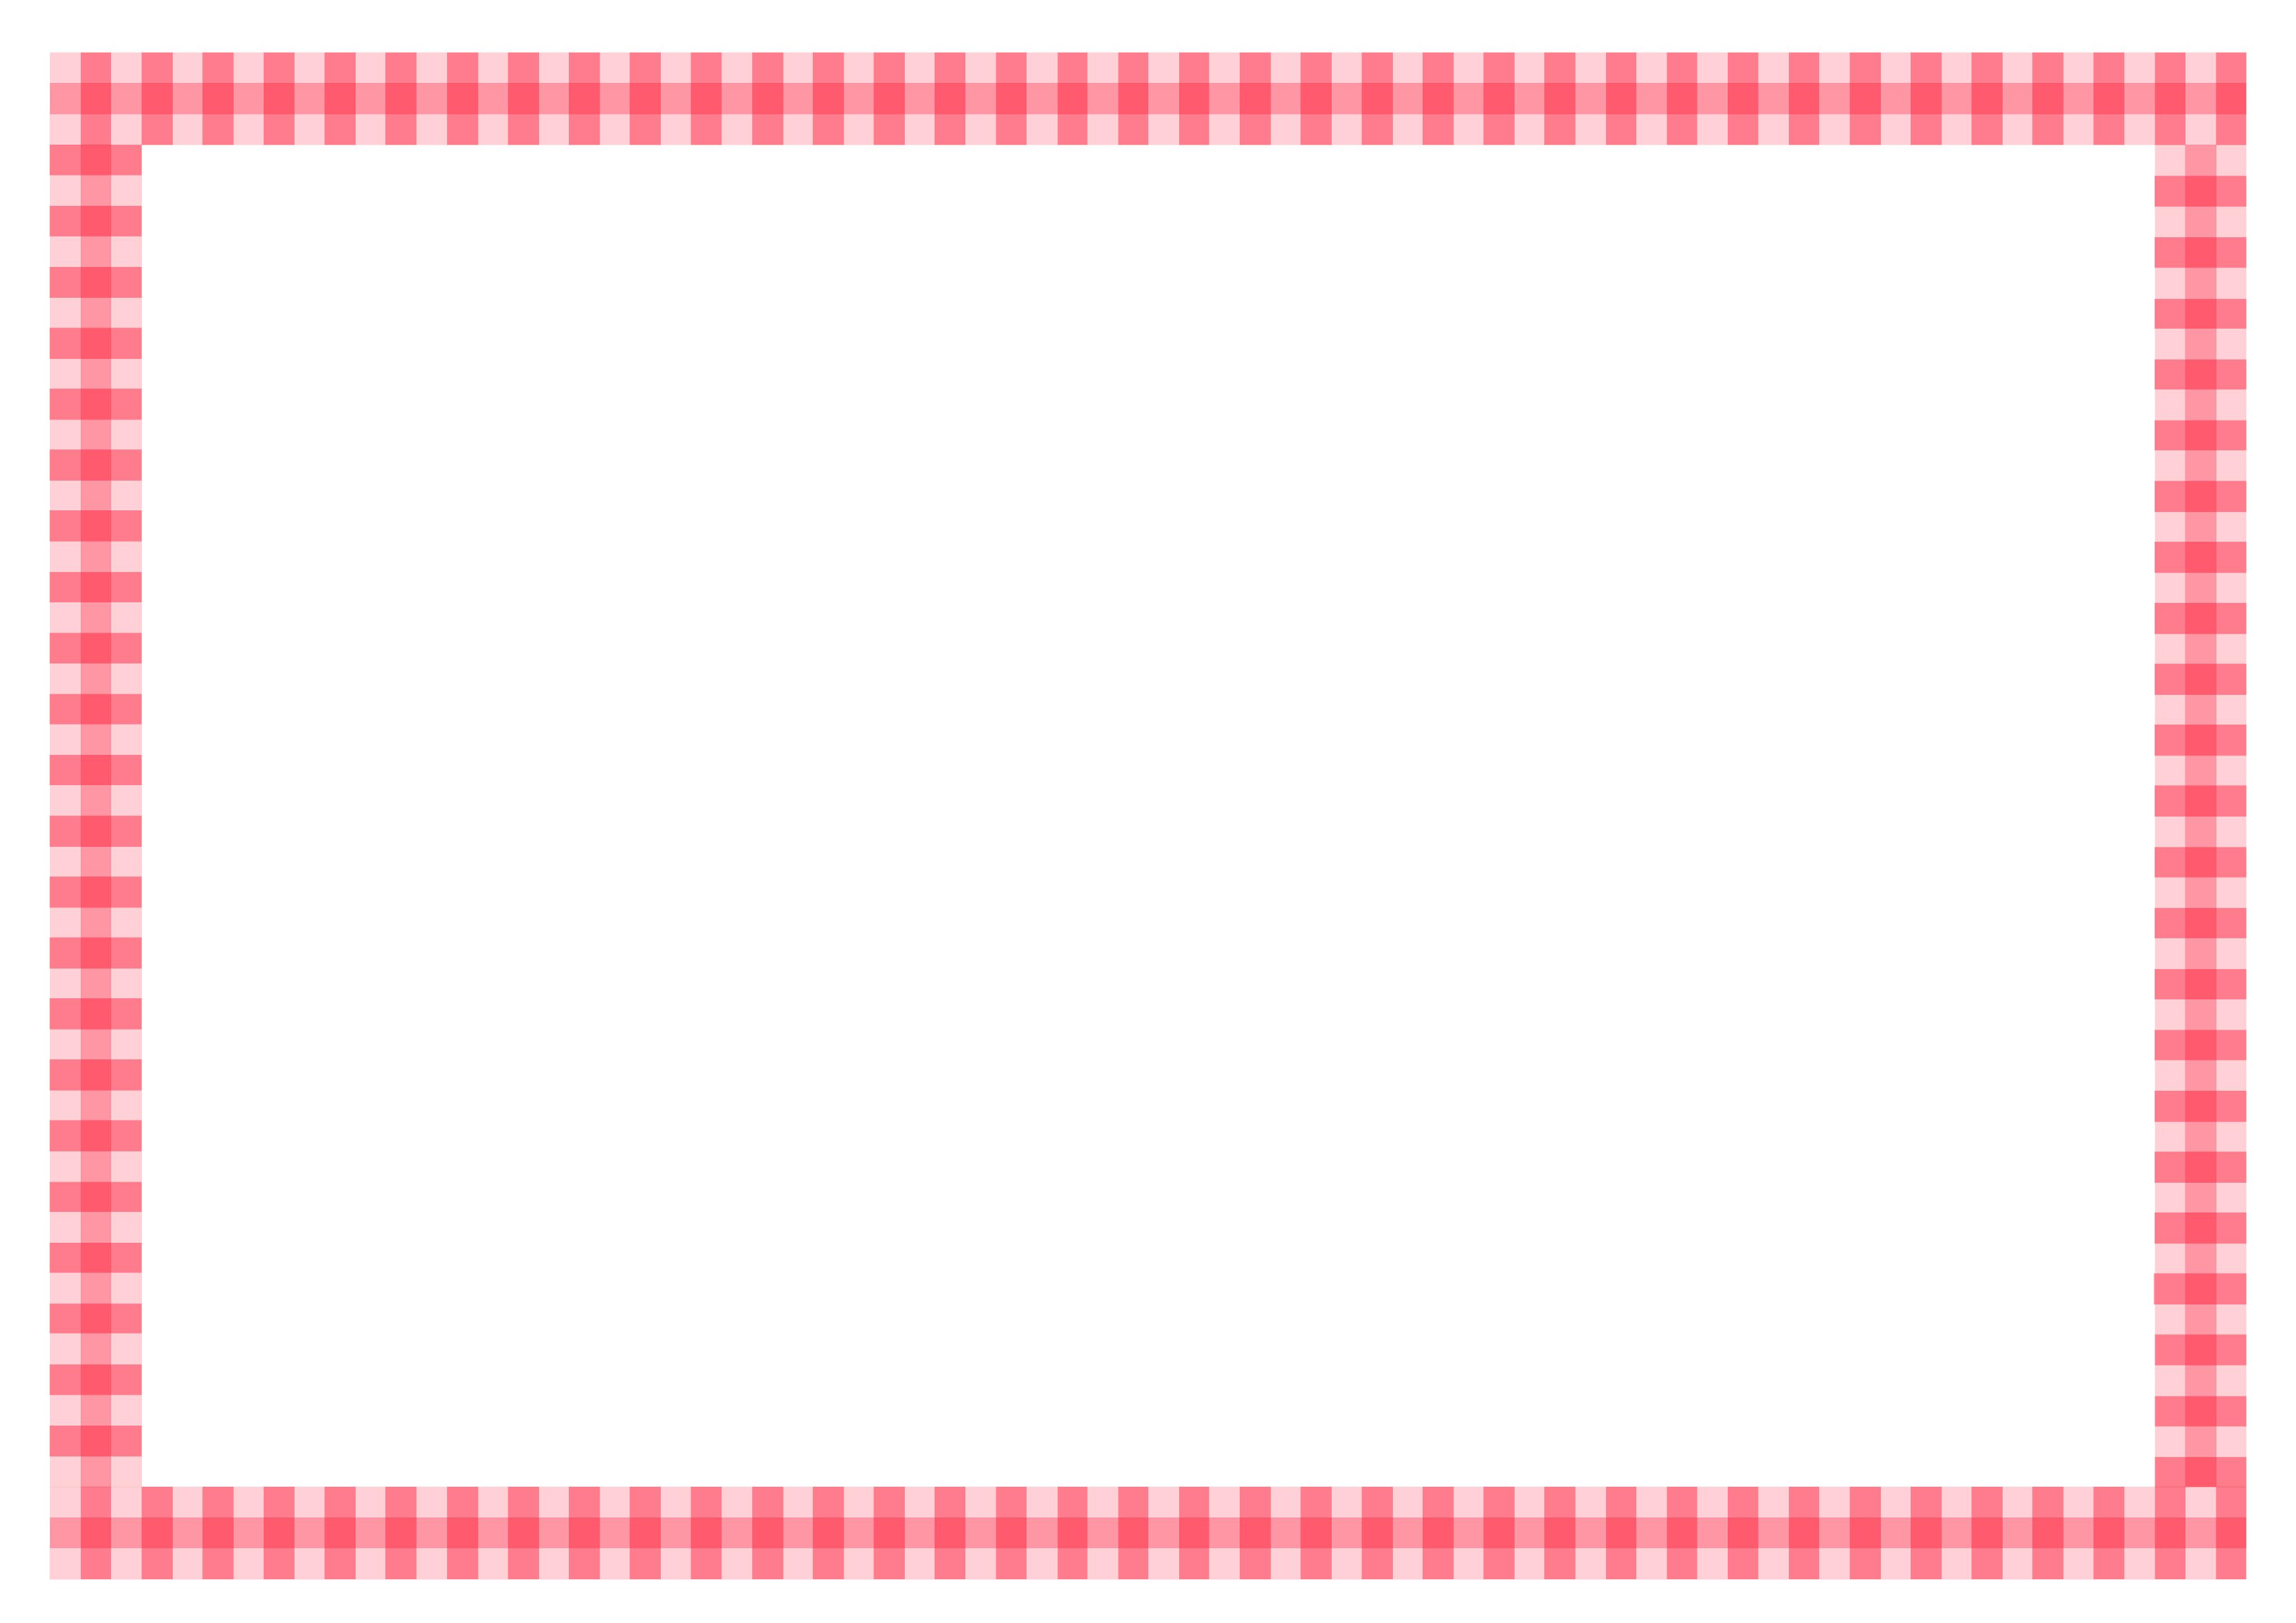 メッセージカード枠 - Word等 挿入用 テンプレート イラスト画像 無料ダウンロード|幼児教材・知育プリント